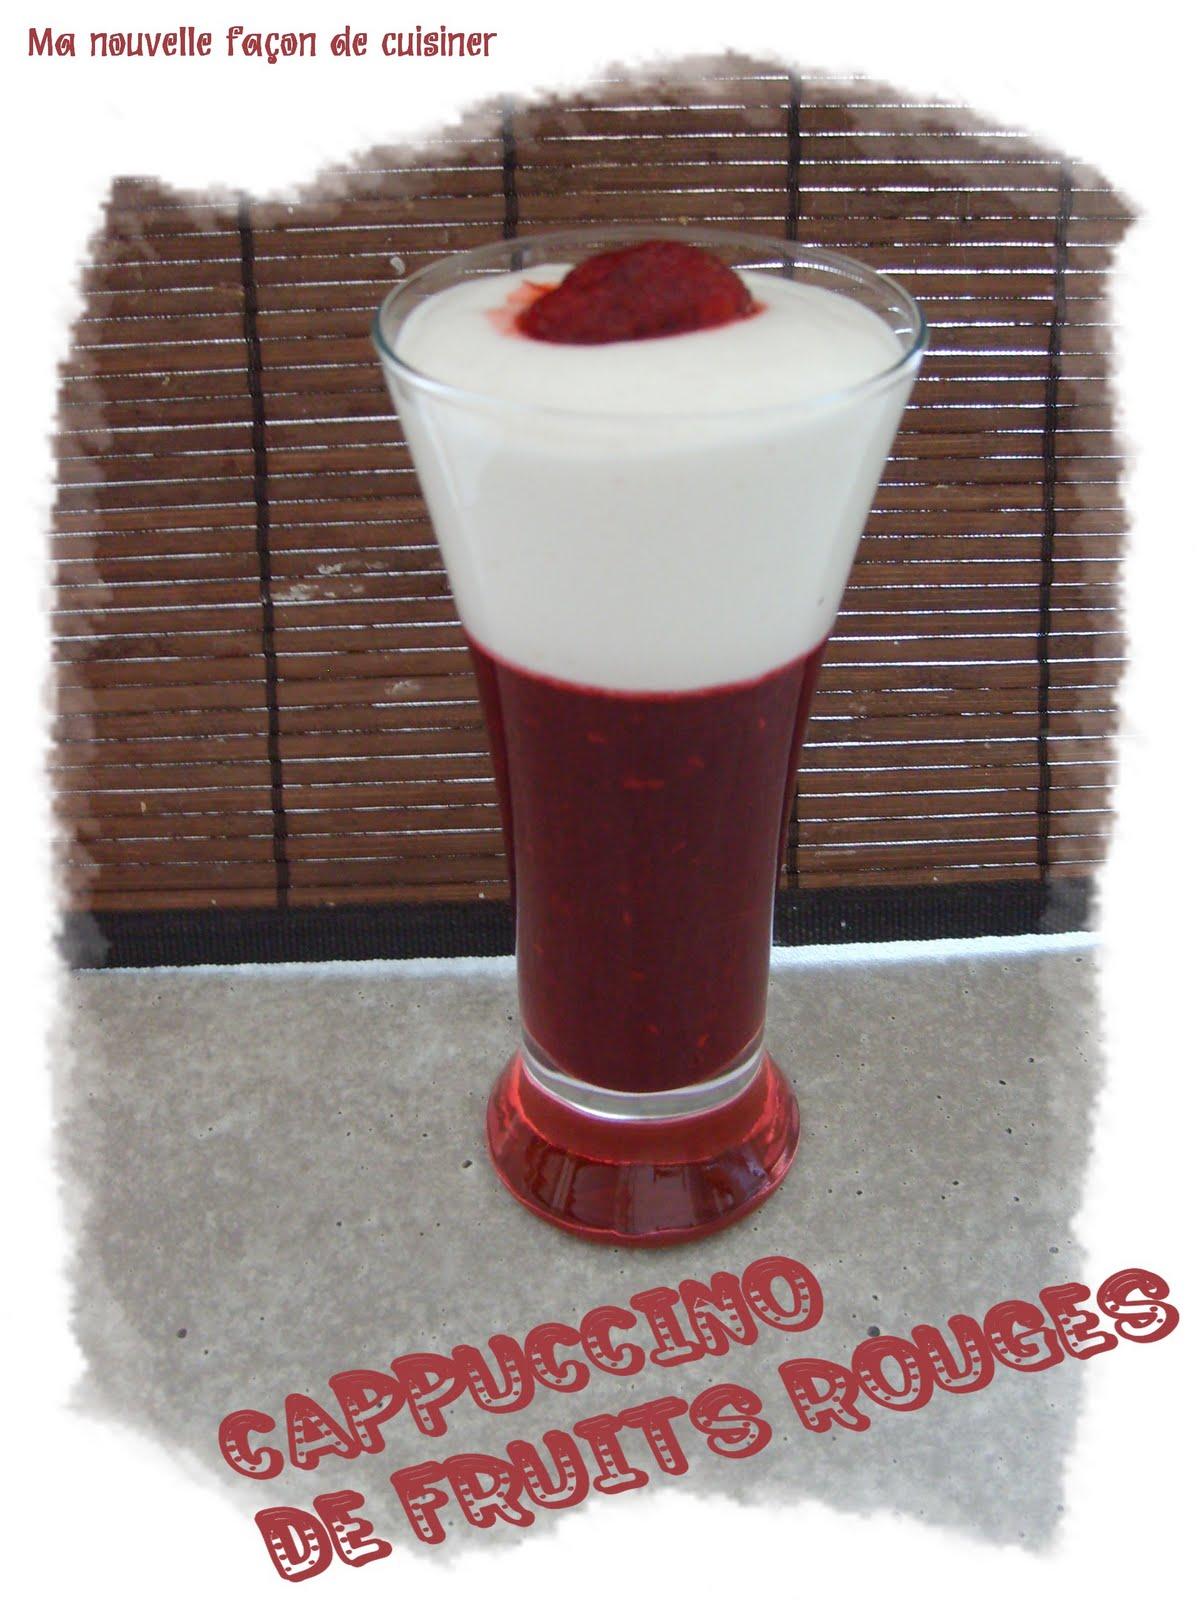 Ma nouvelle fa on de cuisiner cappucino de fruits rouges 1 pt flexipoint ou 1 pp - Cuisiner des betteraves rouges ...